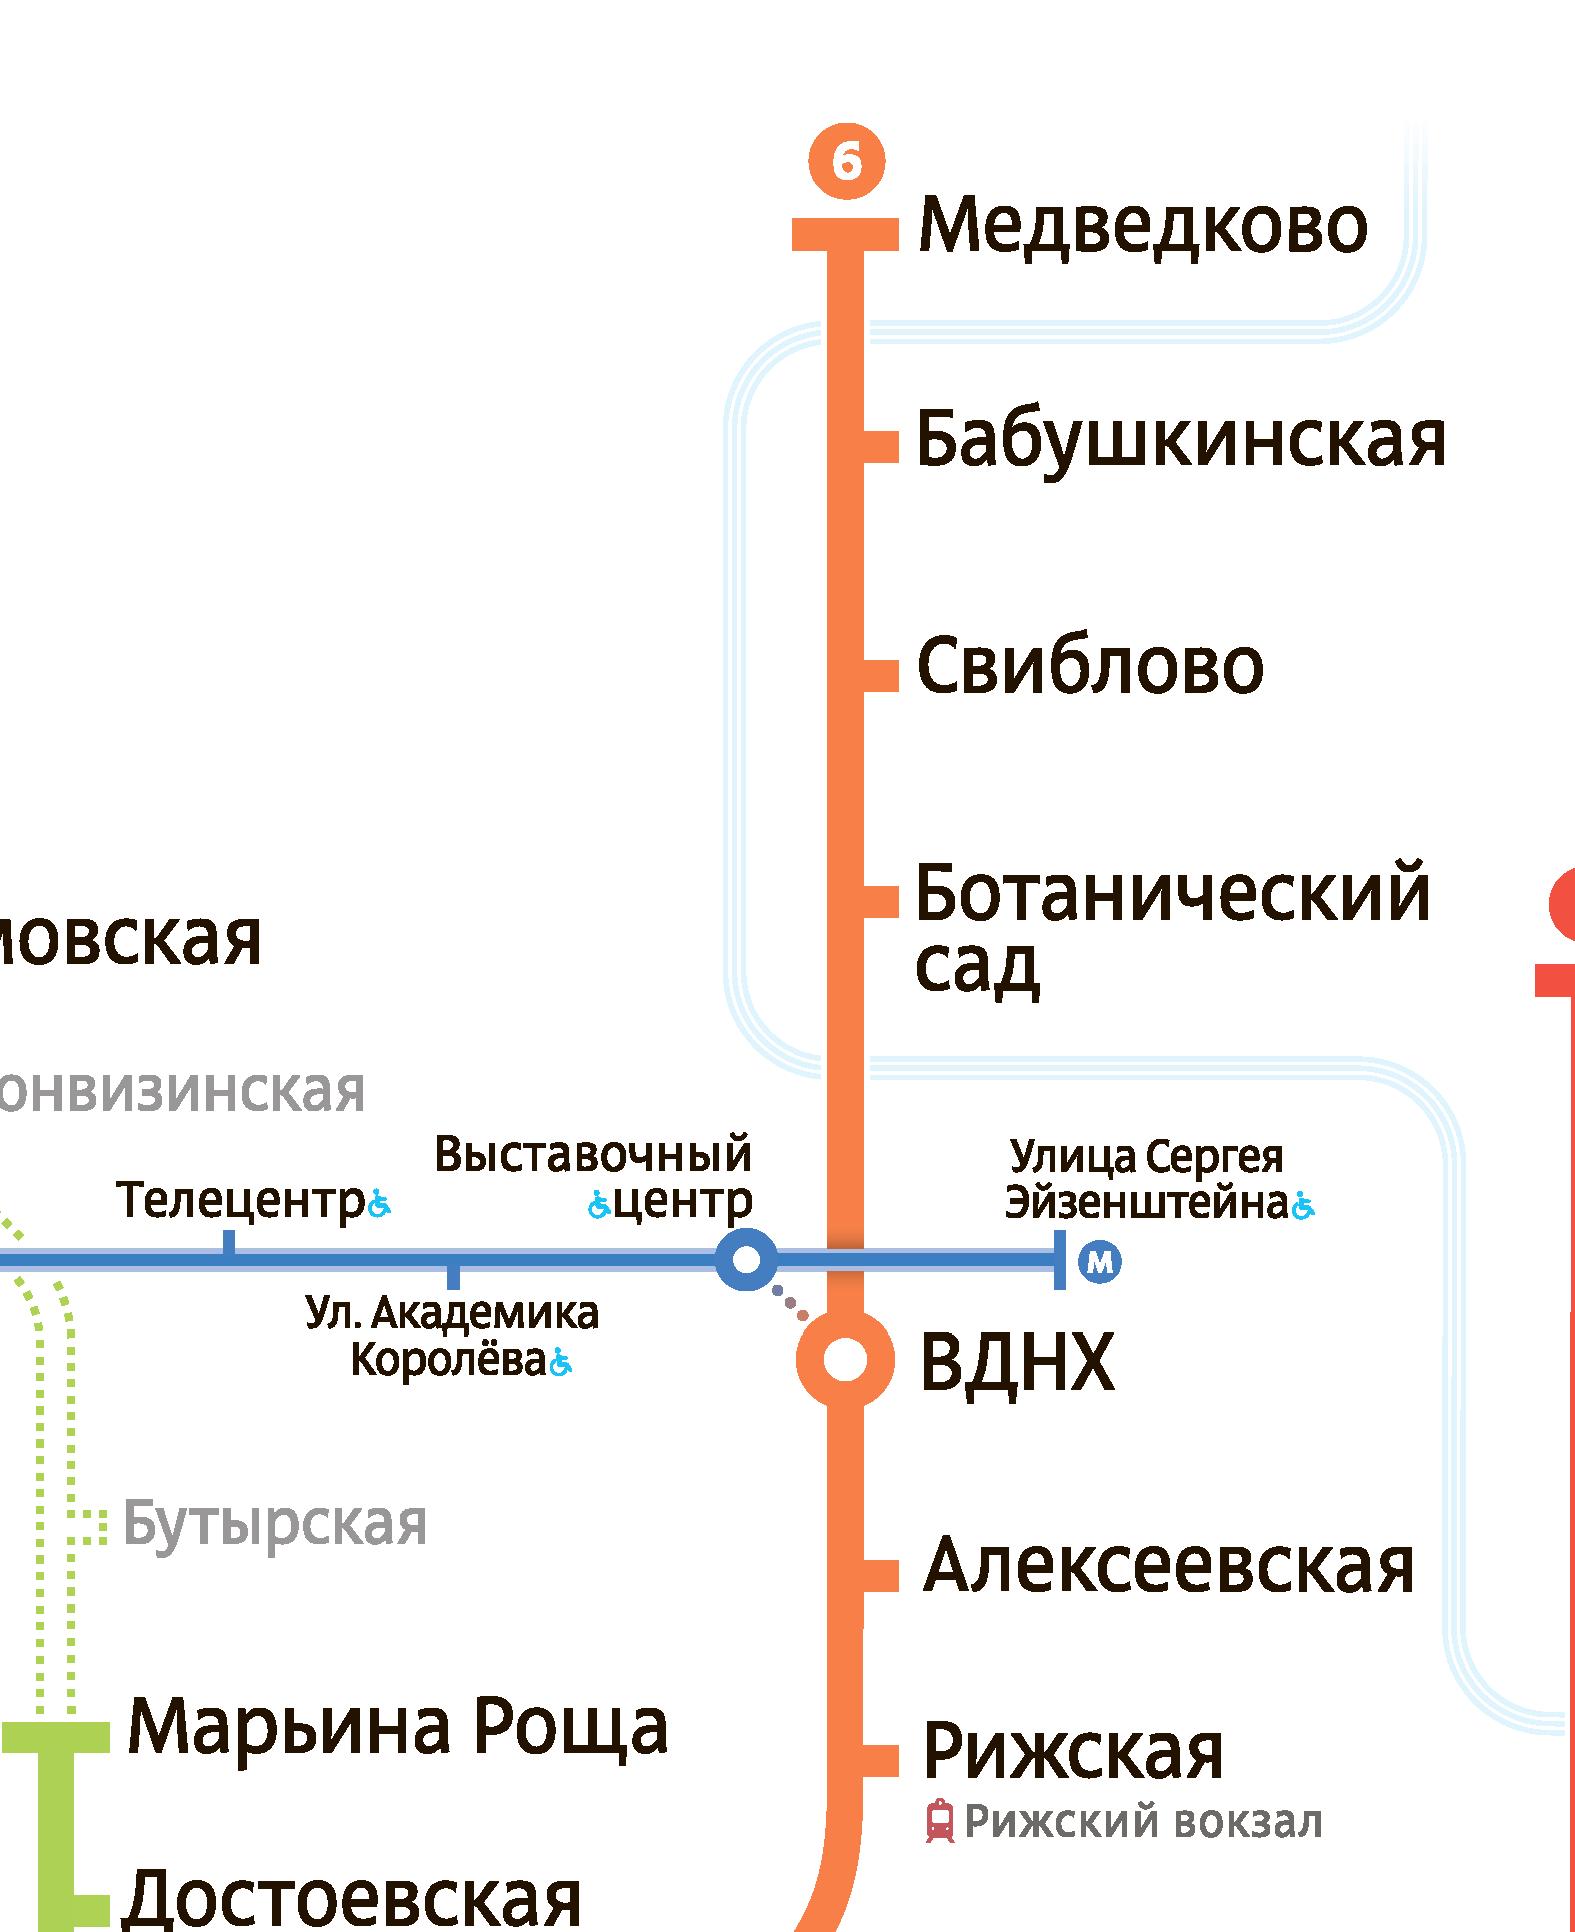 новая схема метро москвы с расчетом времени в пути